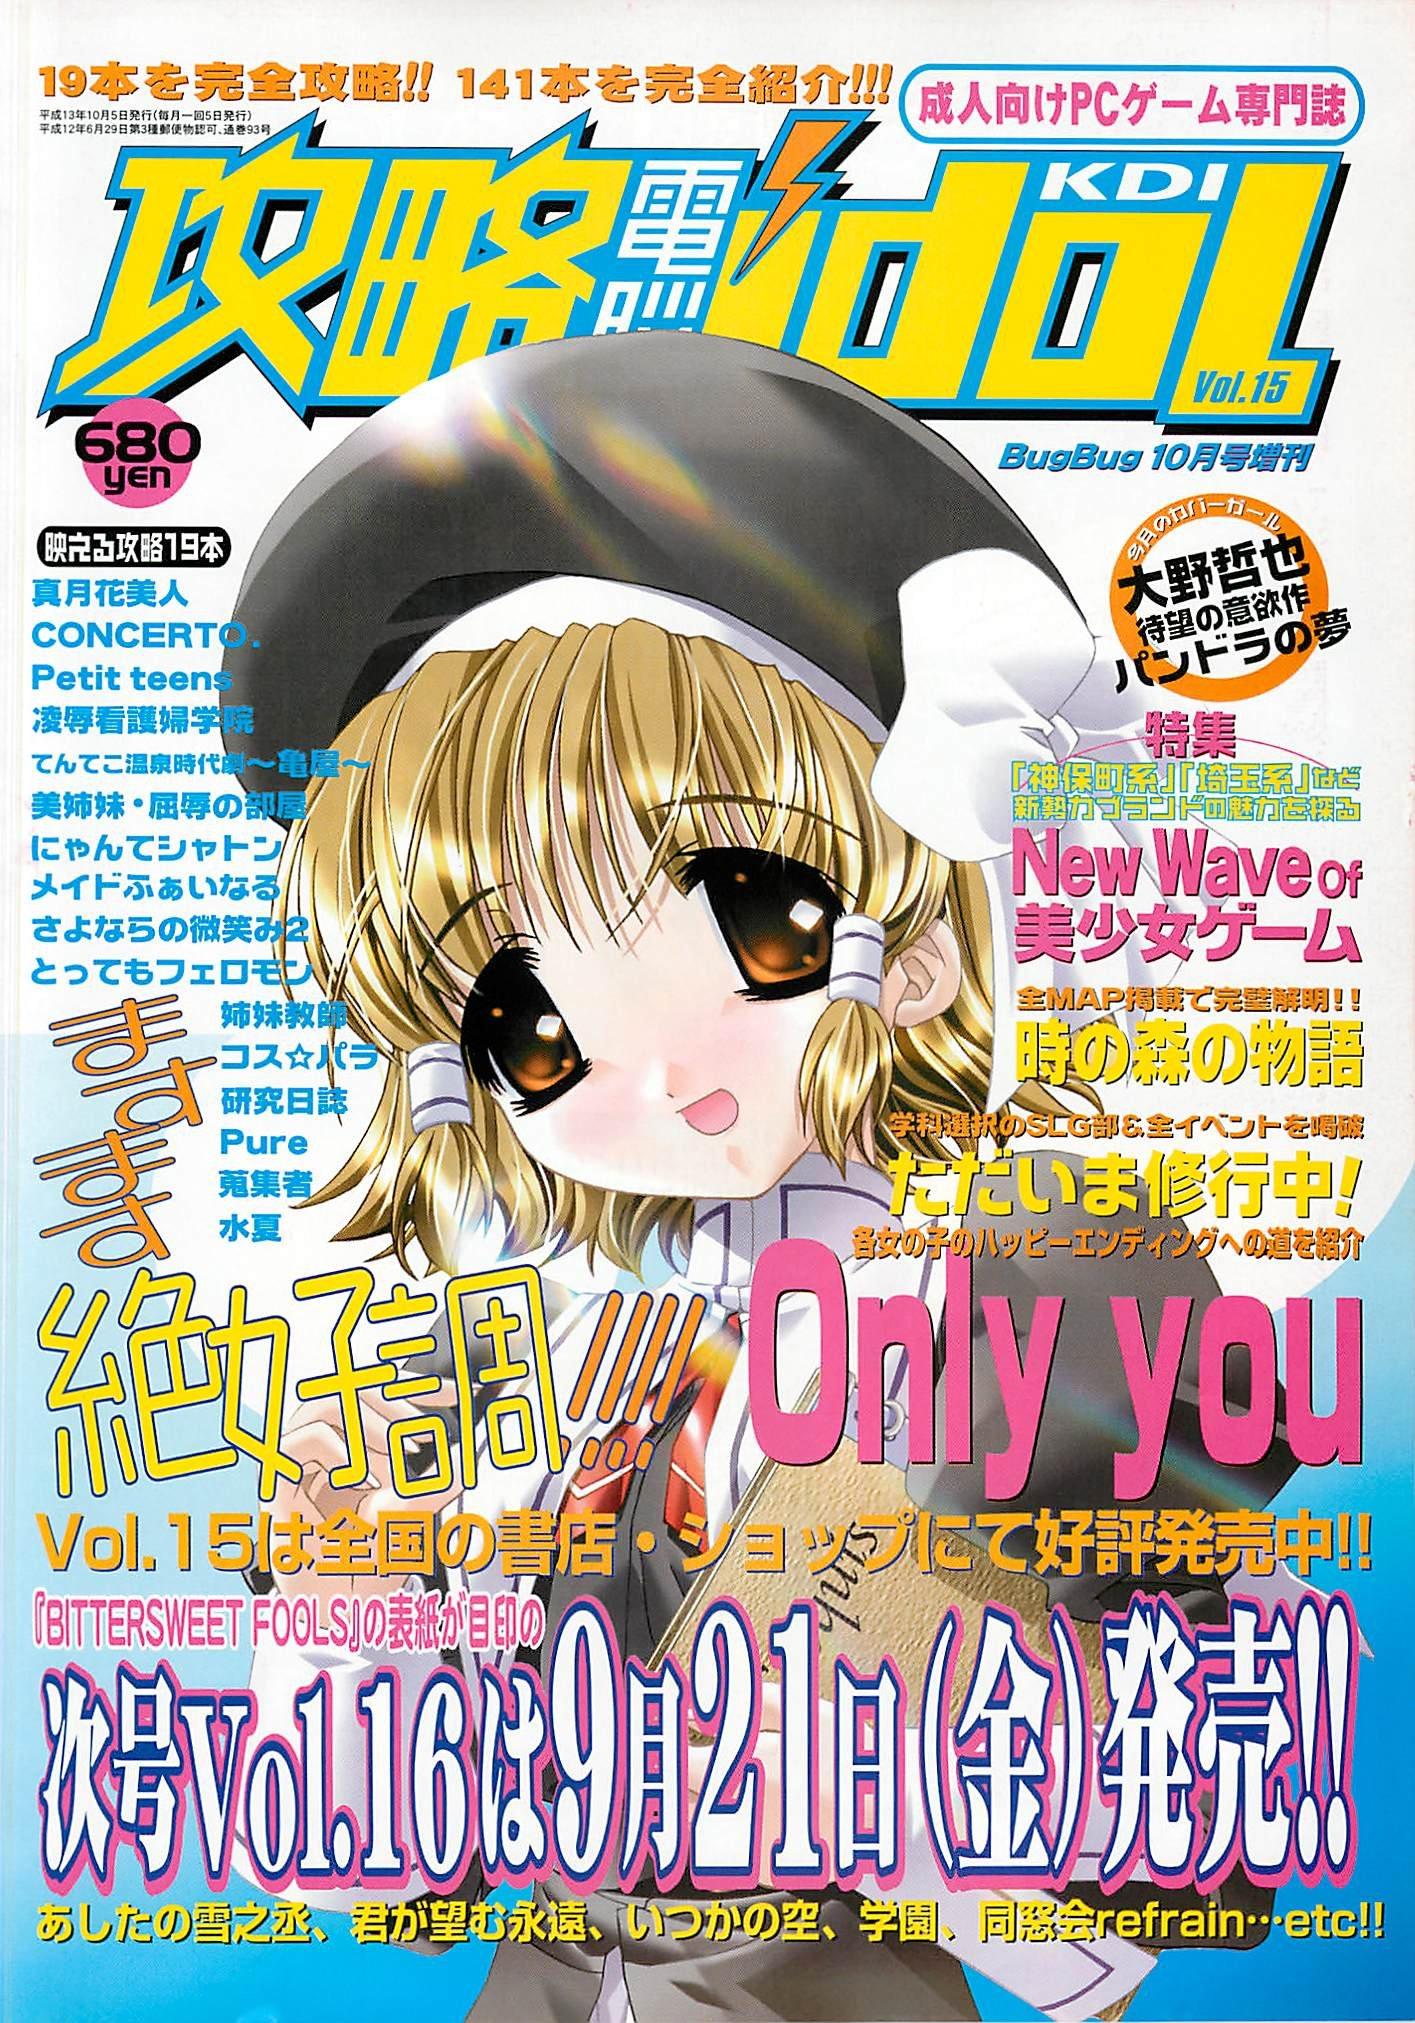 Kouryaku Dennou idol Vol.15 (October 2001) ad